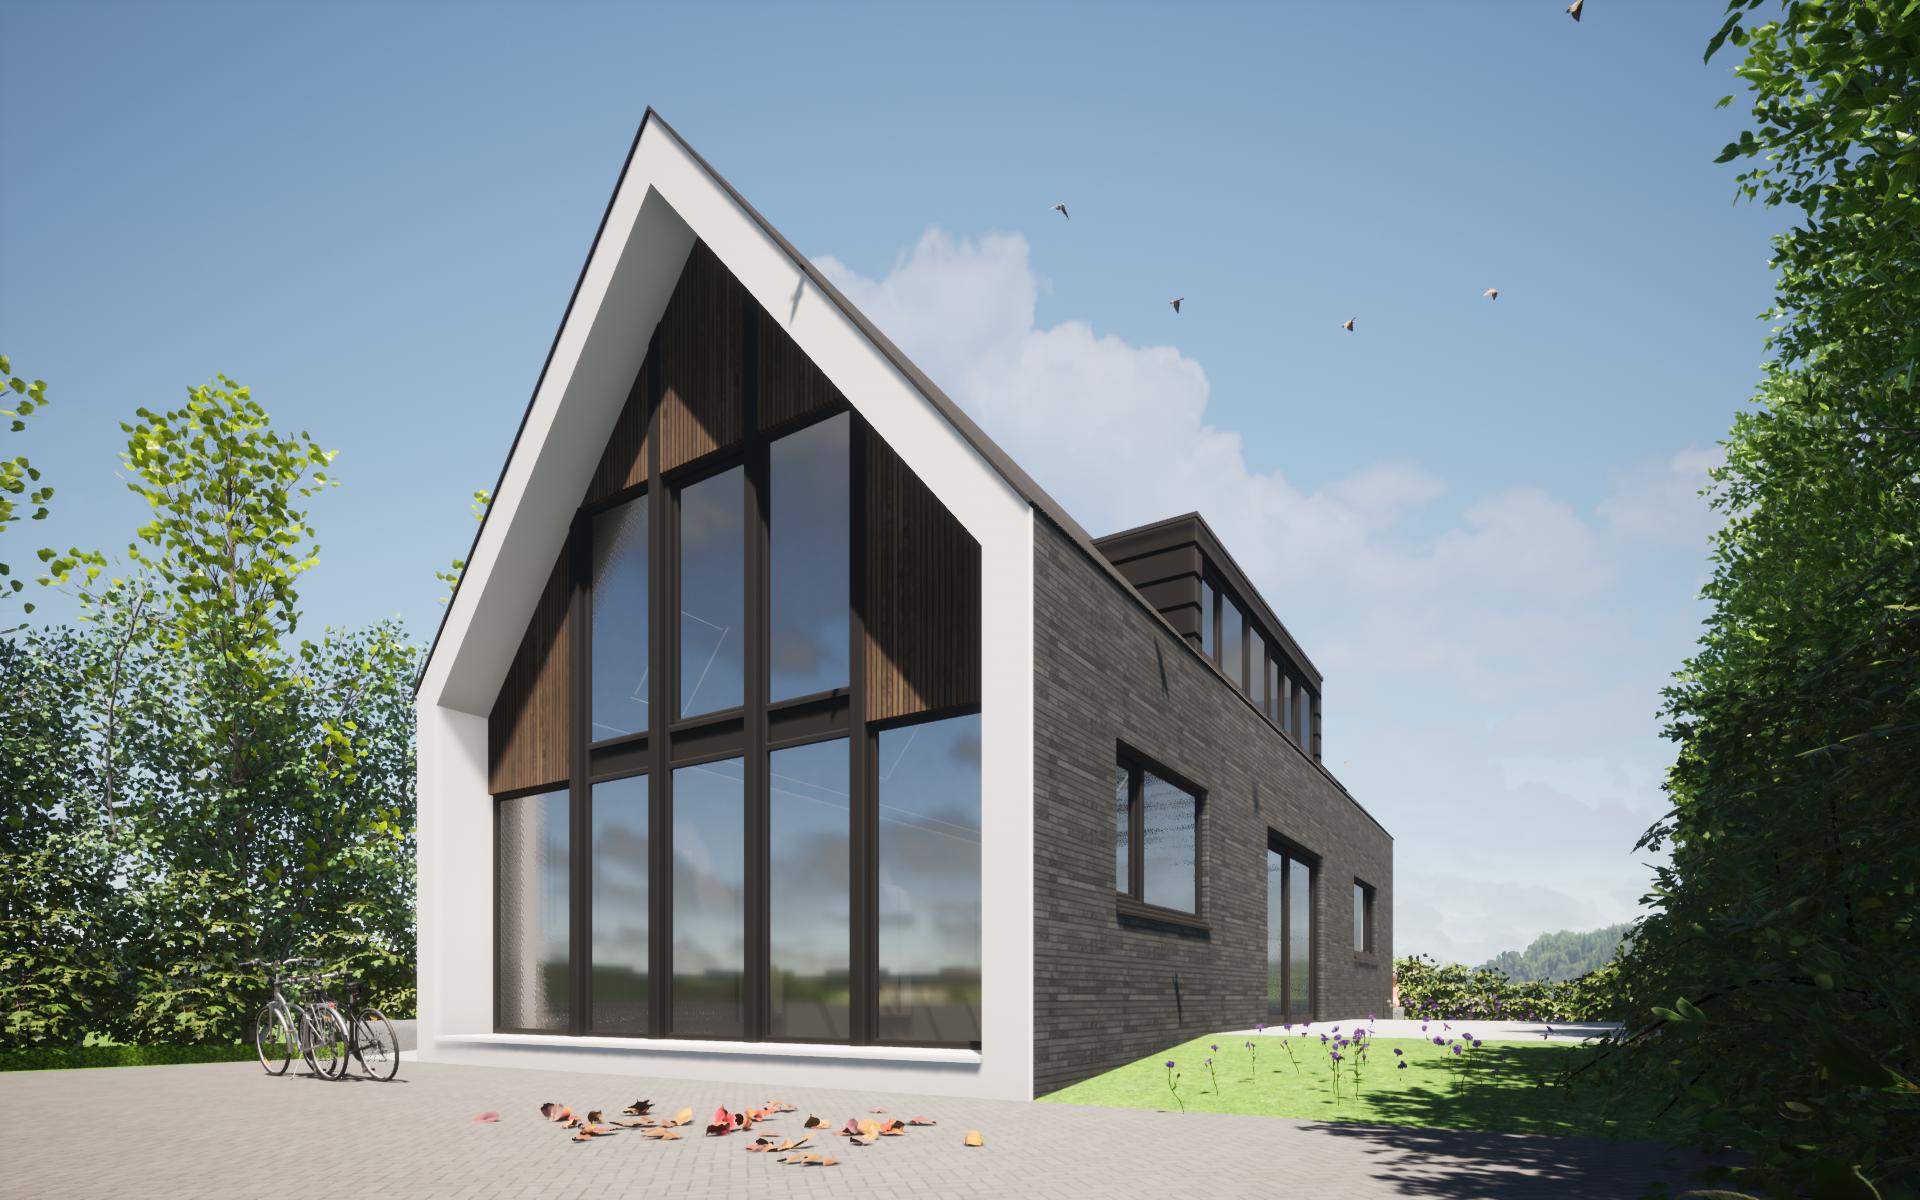 schuurwoning modern architectuur ontwerp 2